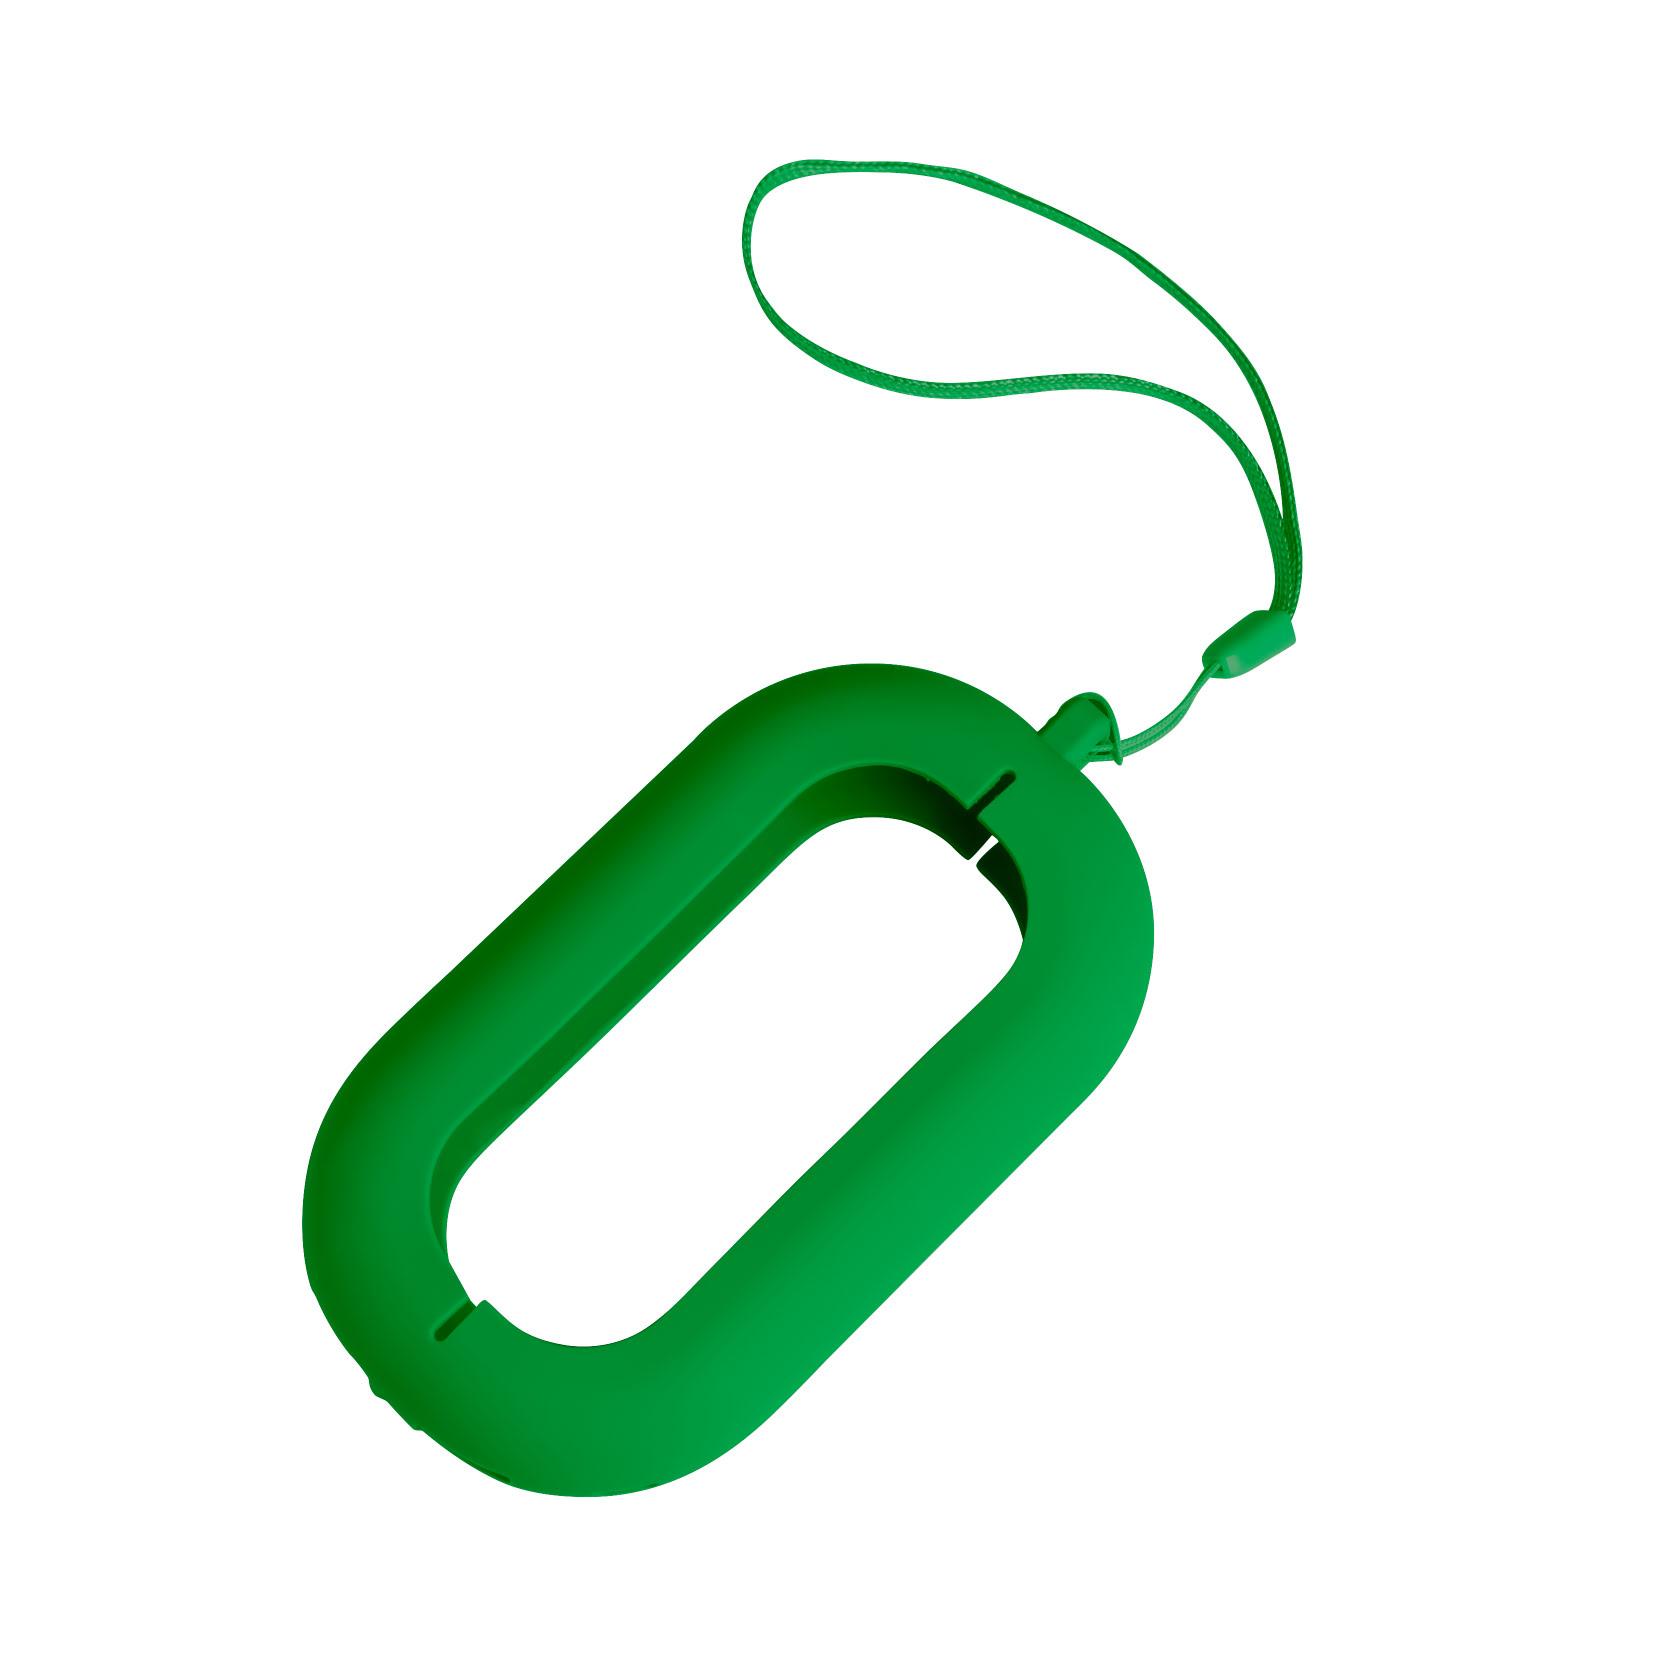 Обложка с ланъярдом к зарядному устройству SEASHELL-2, зеленый, силикон, текстиль